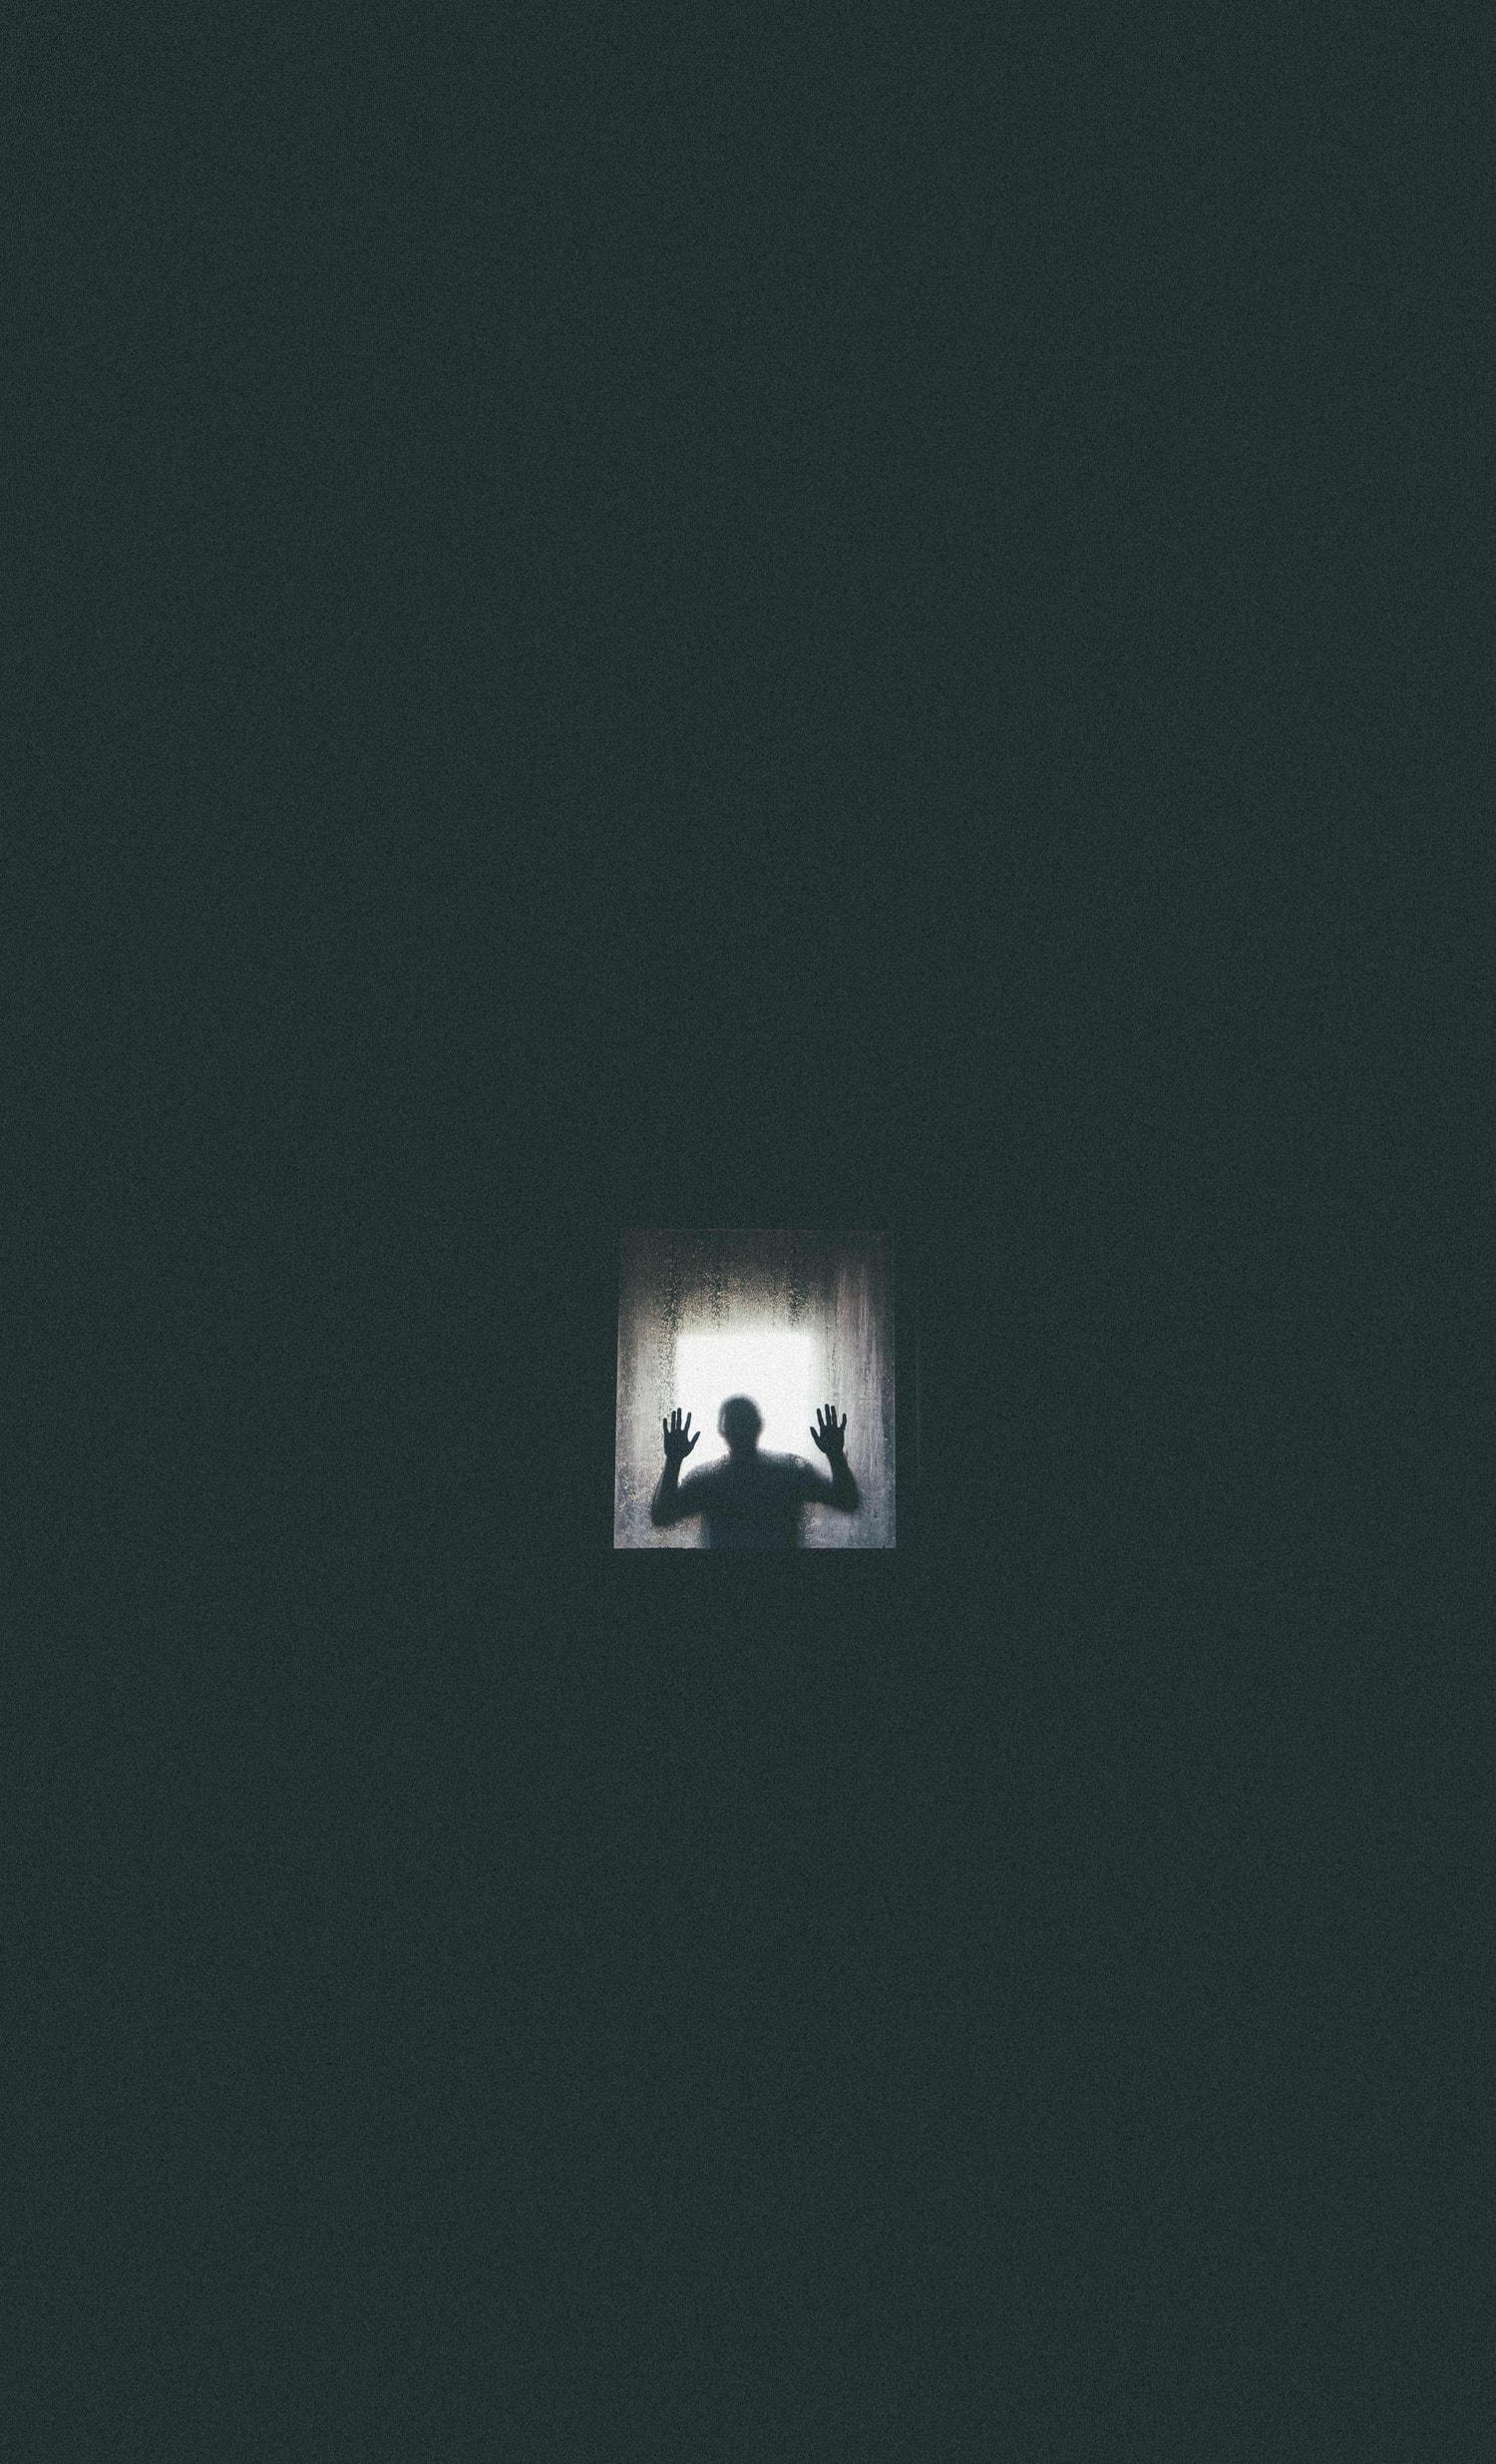 Imagen de misterio con luz de ventana